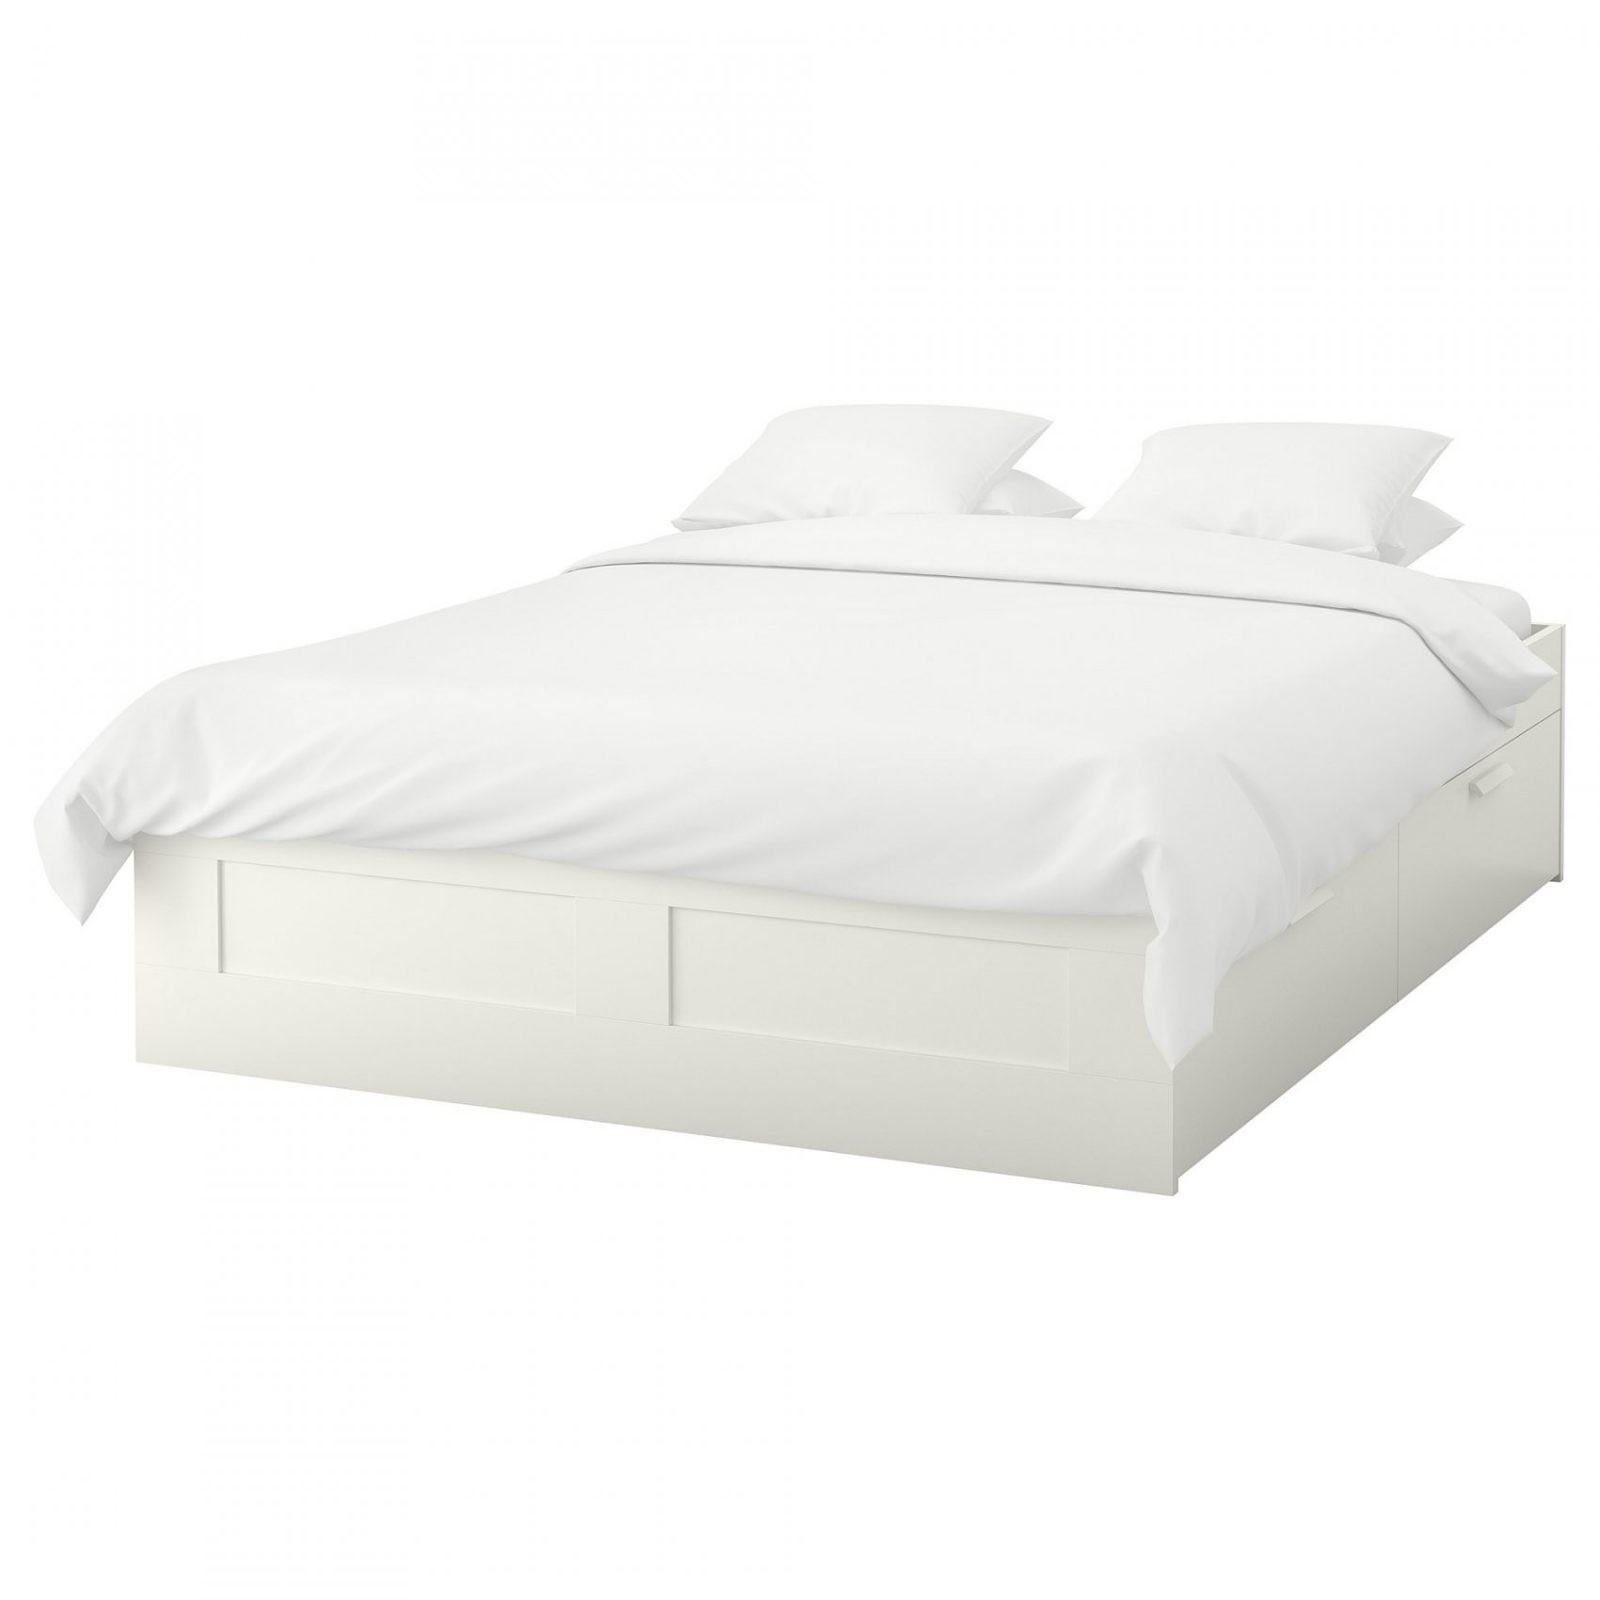 Brimnes Bedframe Met Opberglades  160X200 Cm  Wit  Ikea von Ikea Malm Bett 160X200 Photo